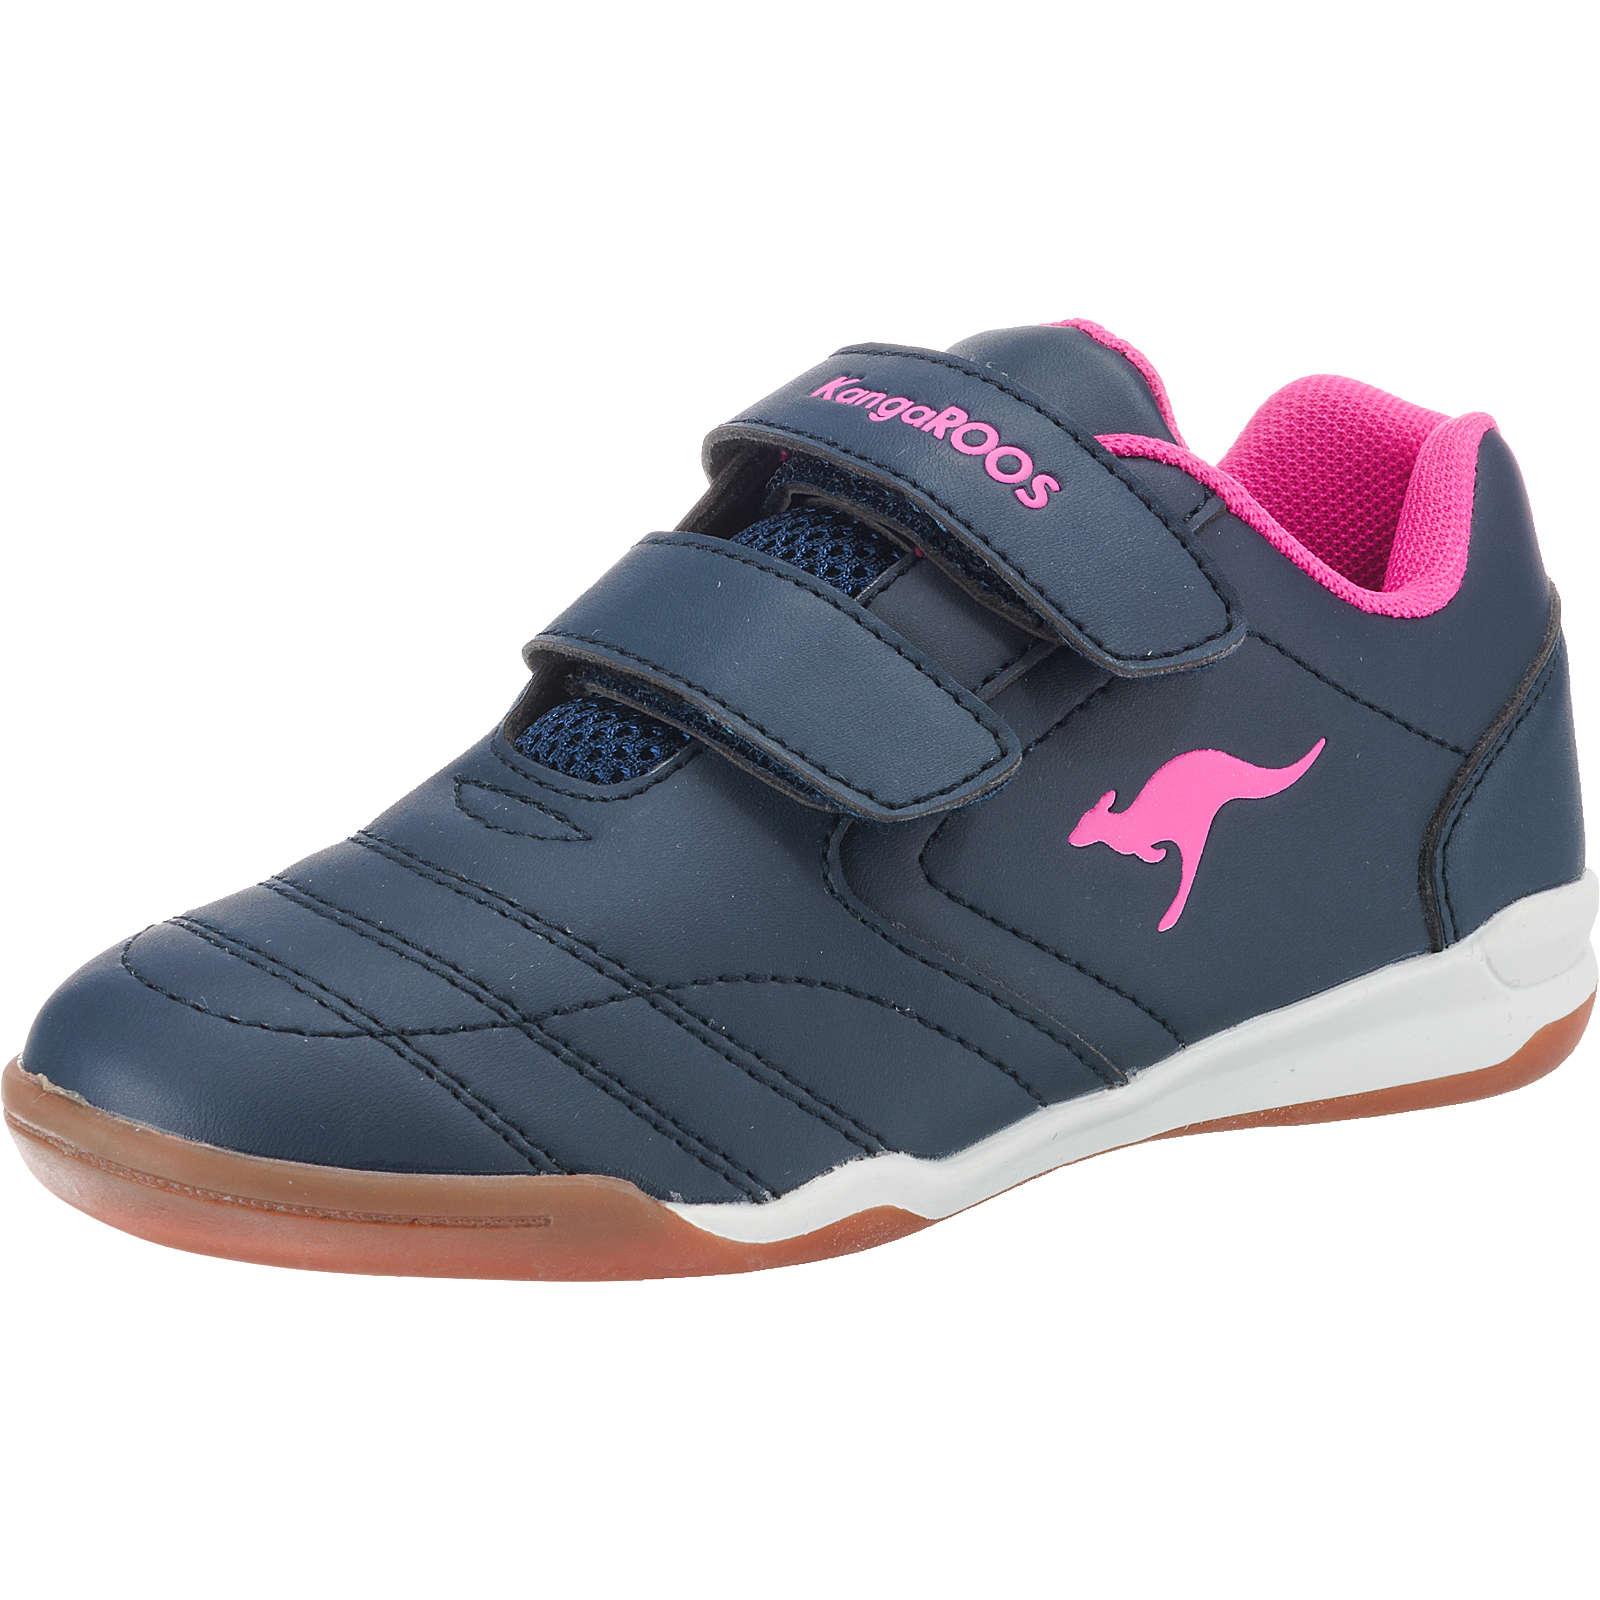 KangaROOS Sportschuhe INYARD für Mädchen dunkelblau Mädchen Gr. 40